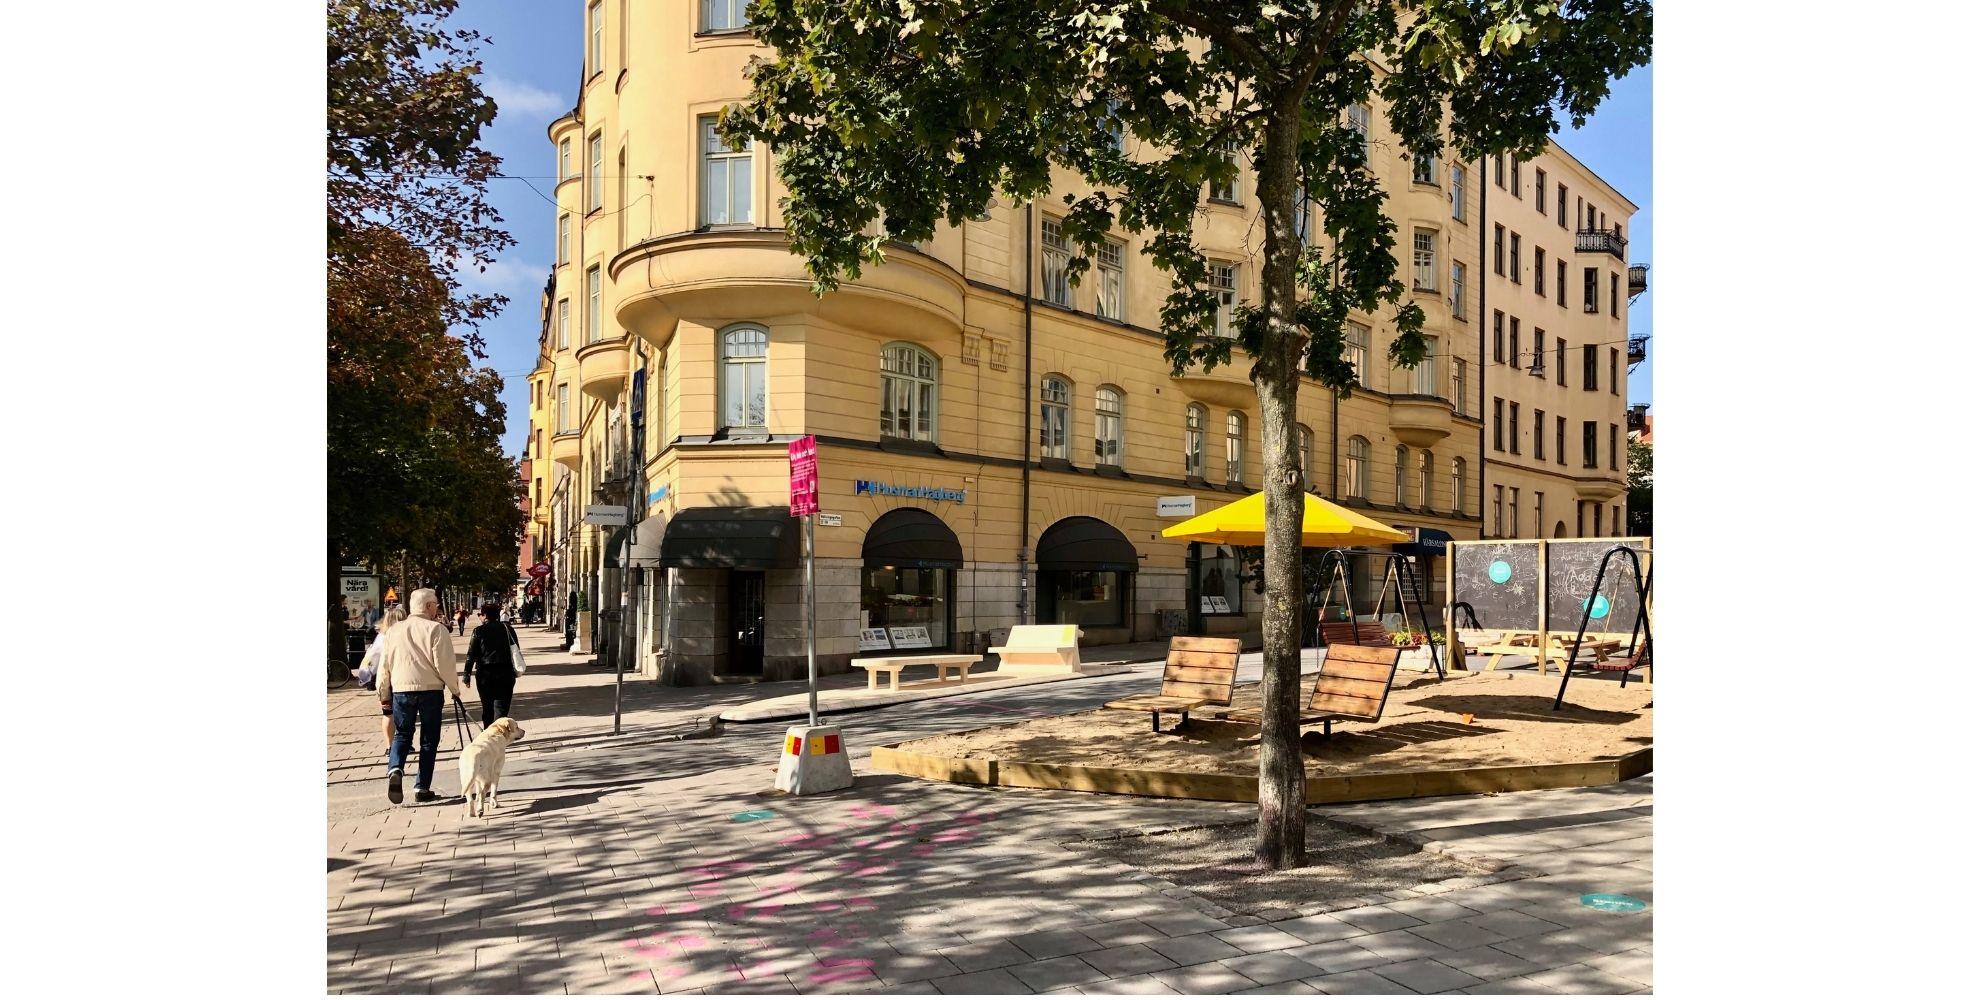 Diseño urbano con elementos de madera. Proyecto Street Moves